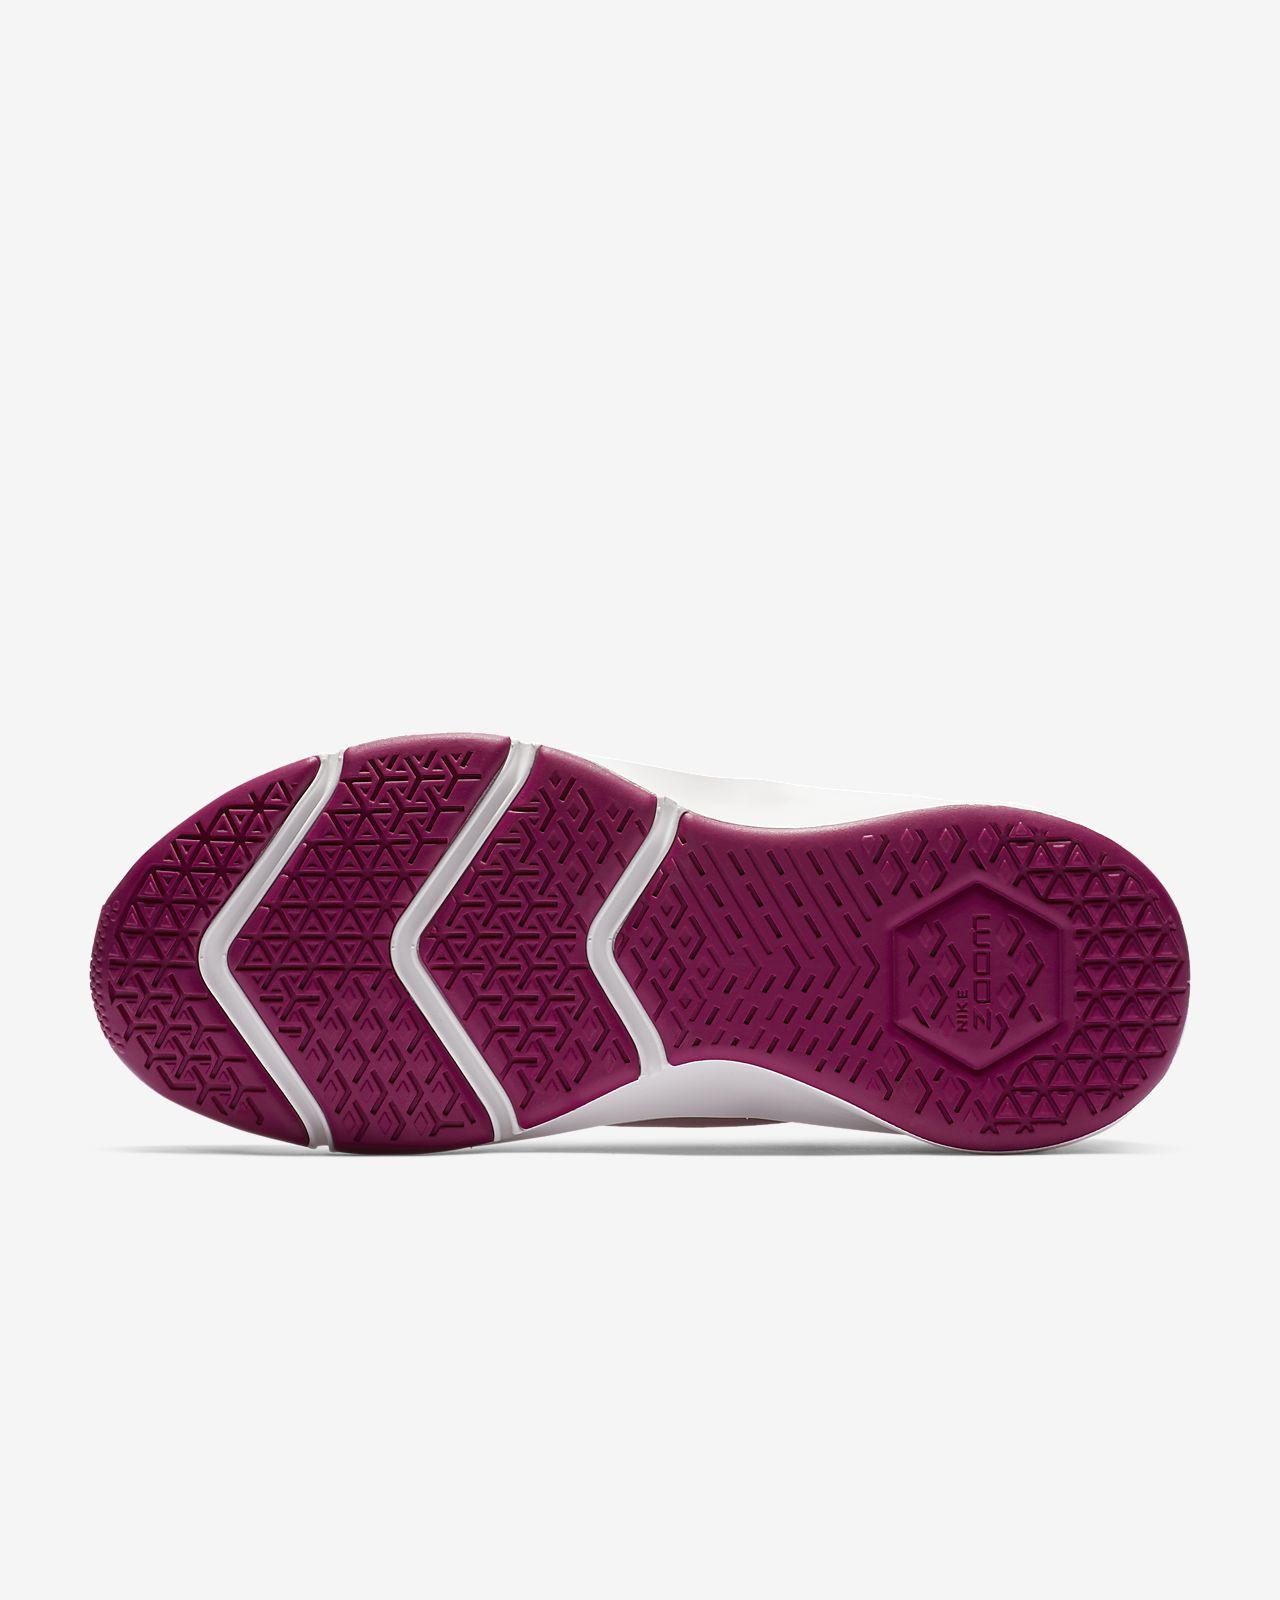 low priced bda7f 992e2 ... Calzado de entrenamiento, boxeo y para el gimnasio para mujer Nike Air  Zoom Elevate